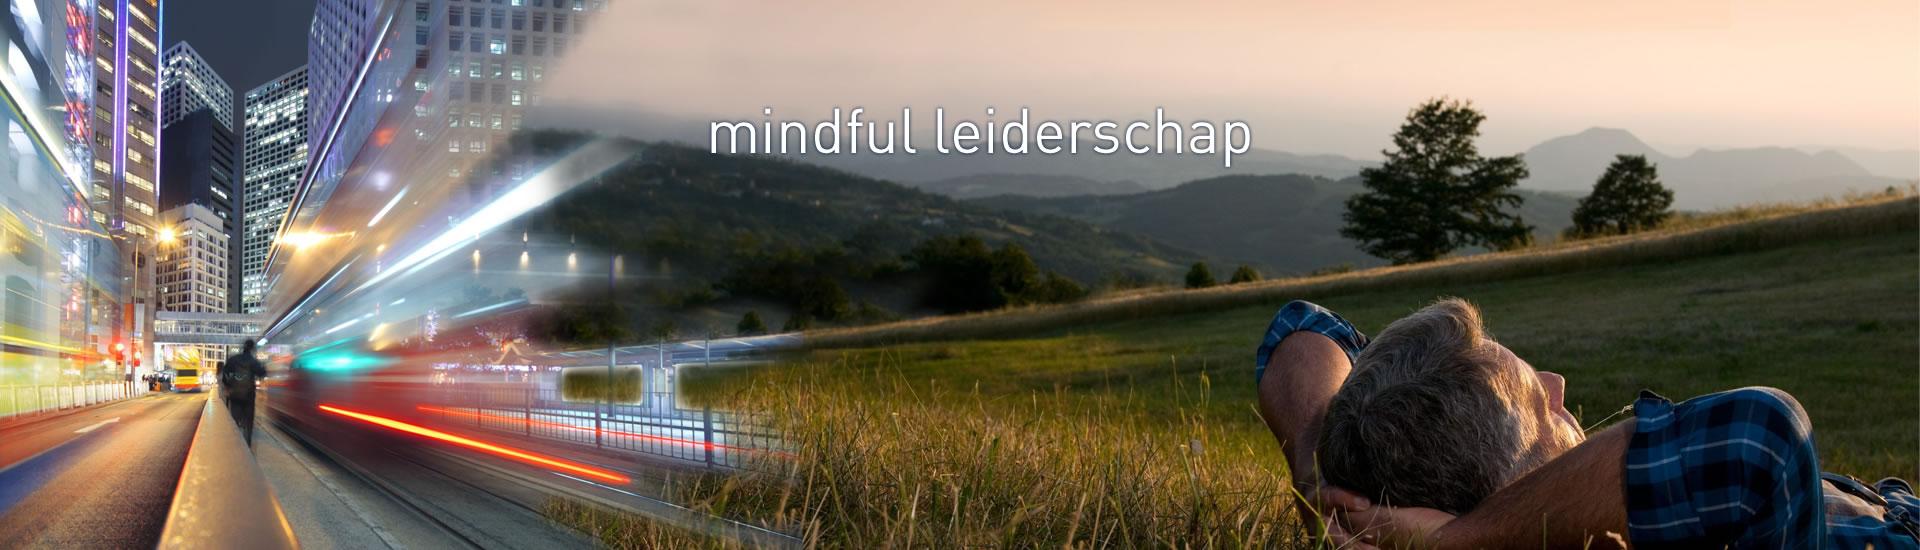 mindful-leiderschap2